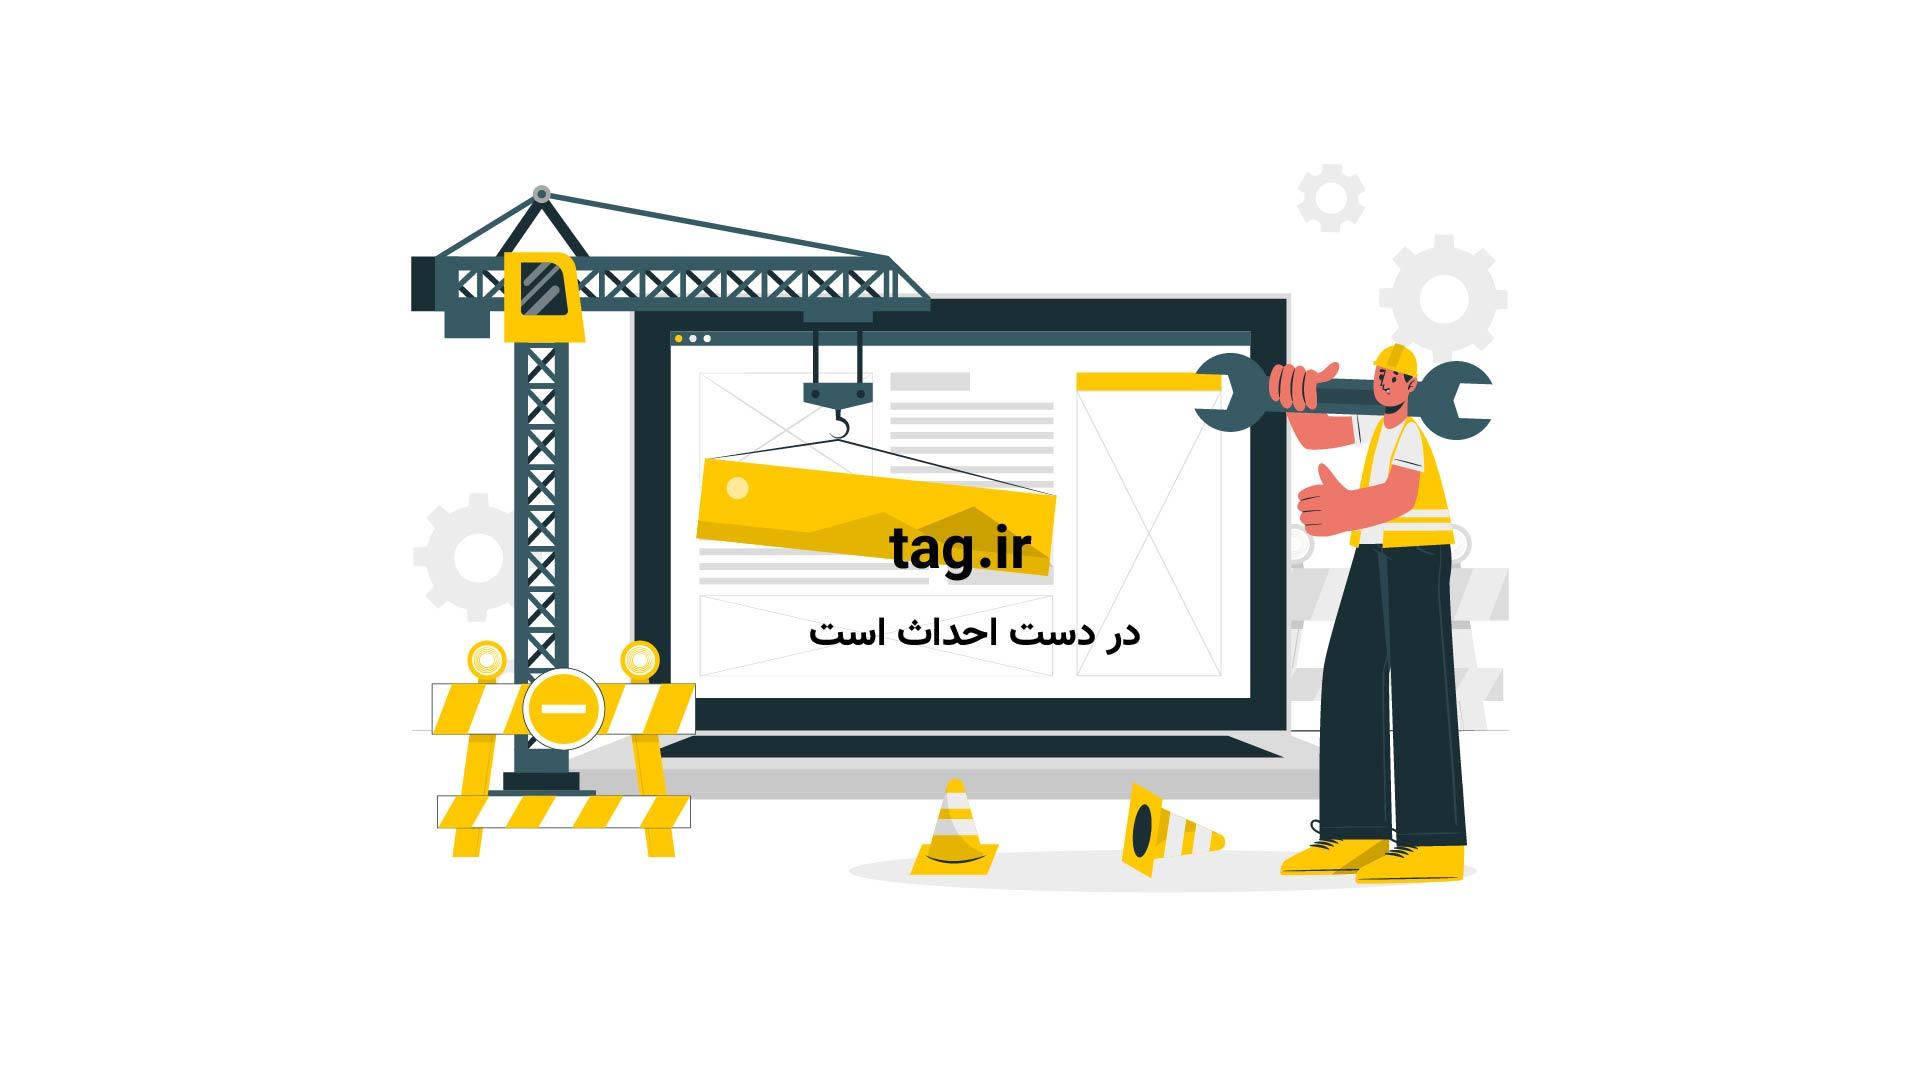 ادا بازی رامین ناصر نصیر برای اسکیت روی یخ | فیلم